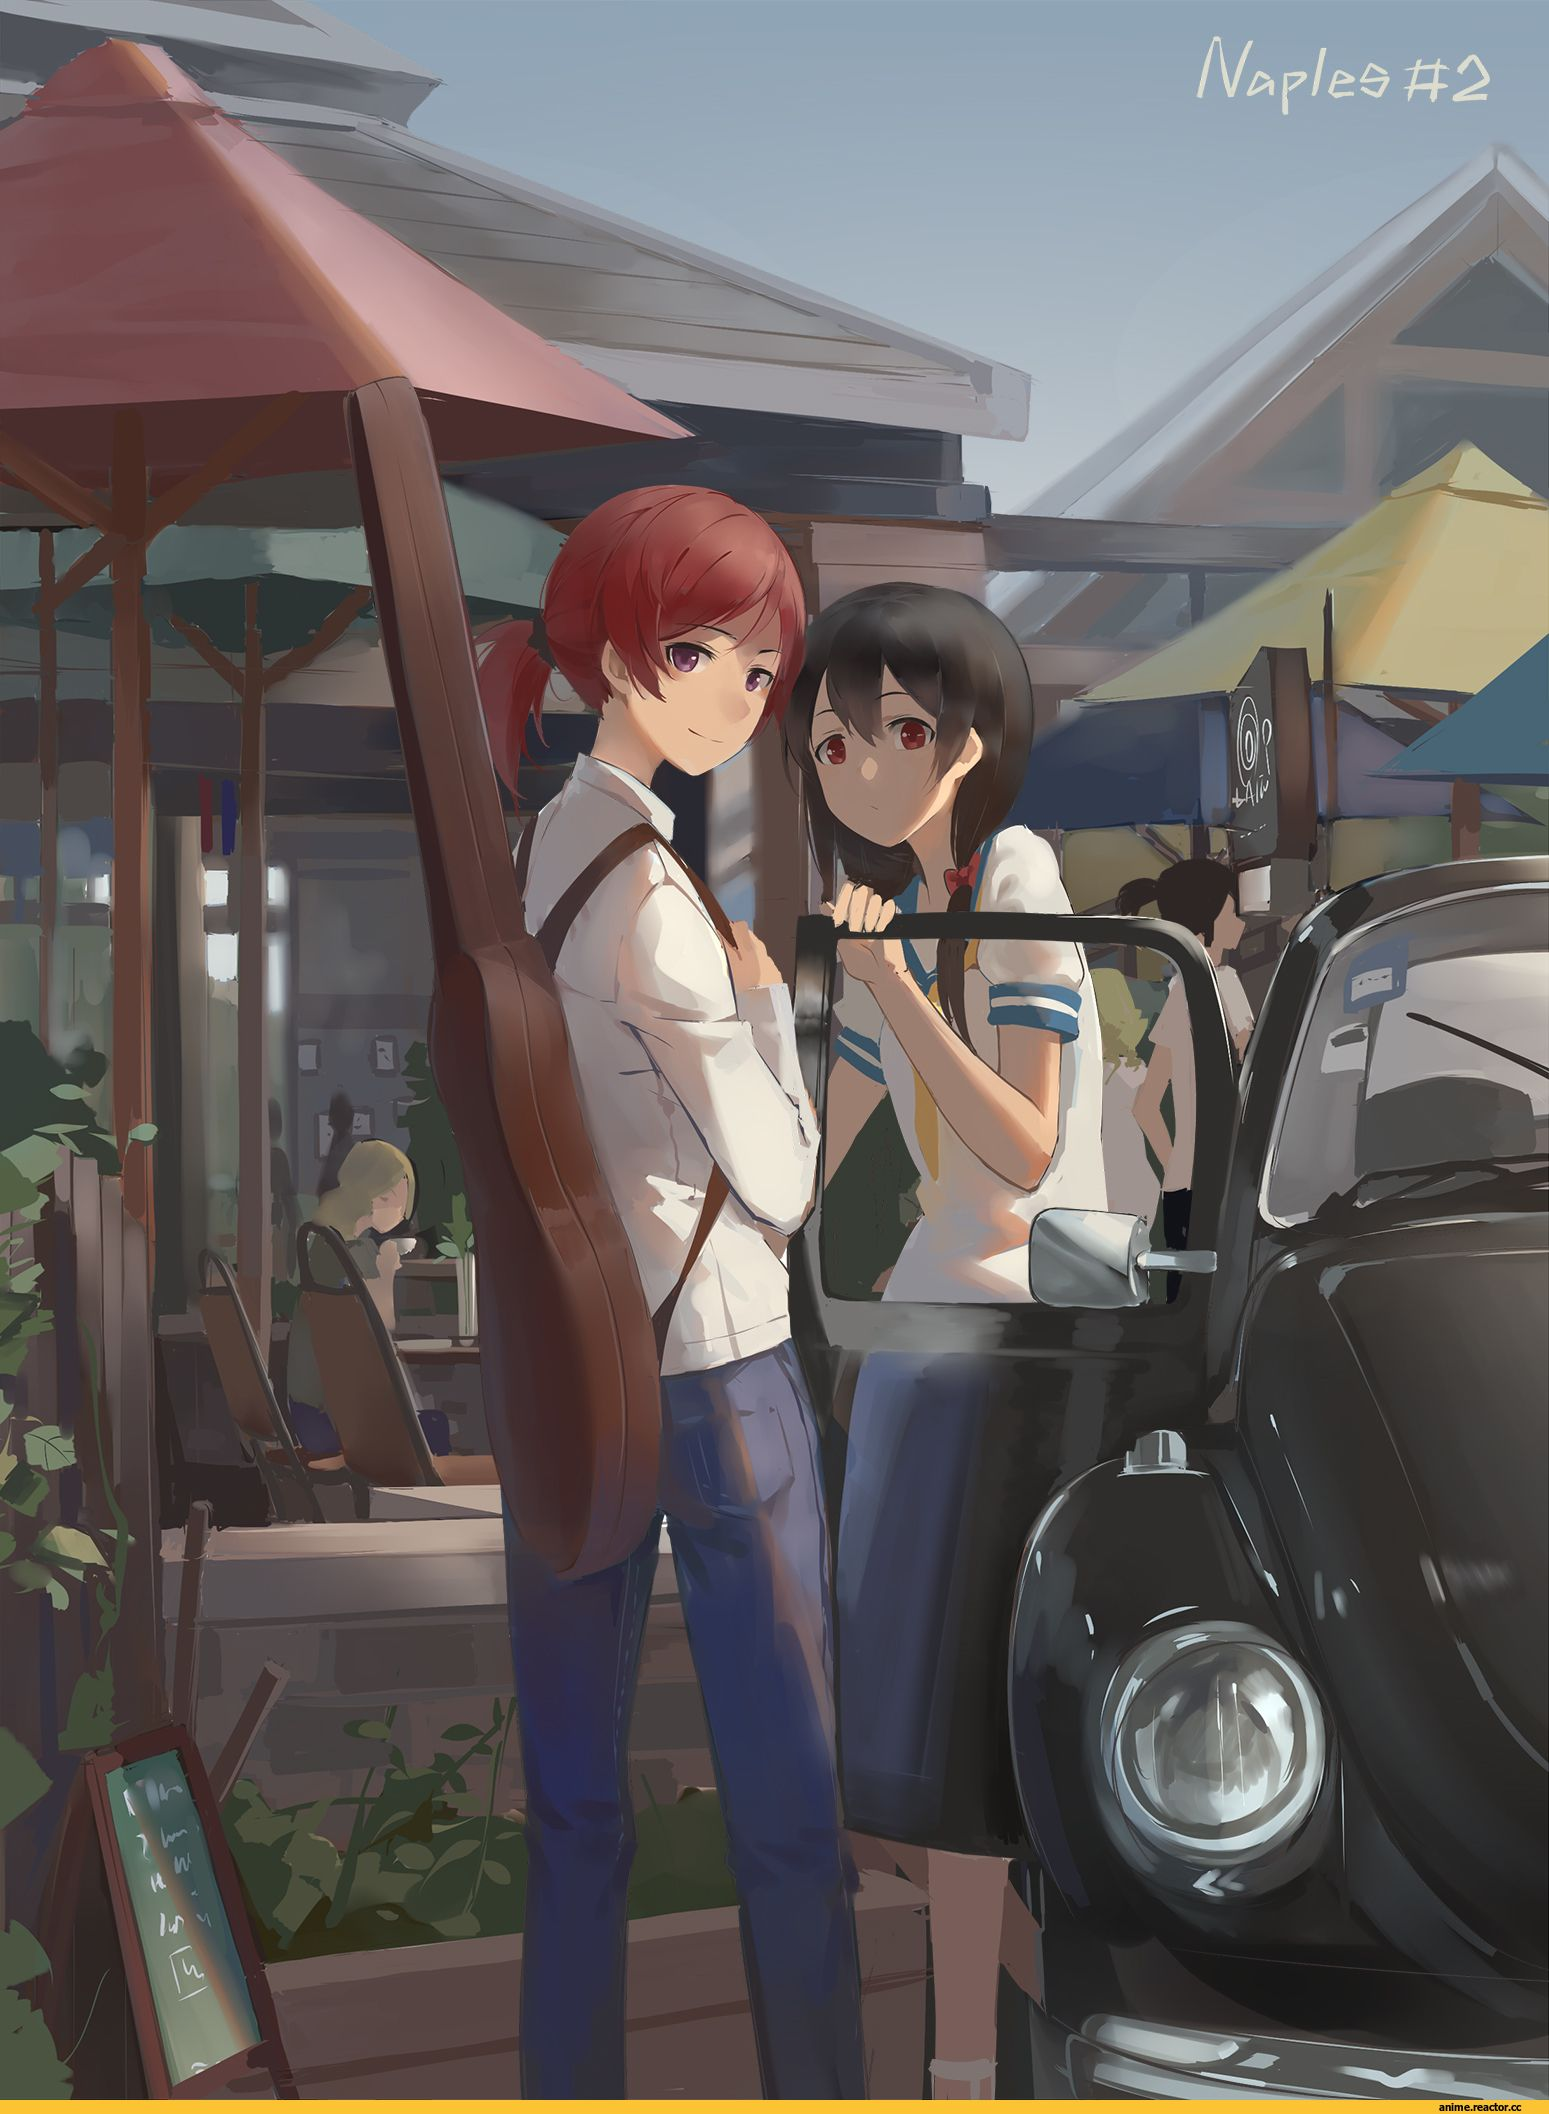 Gensou Kuro Usagi :: Anime Art :: мир аниме / красивые картинки и арты, гифки, прикольные комиксы, интересные статьи по теме.